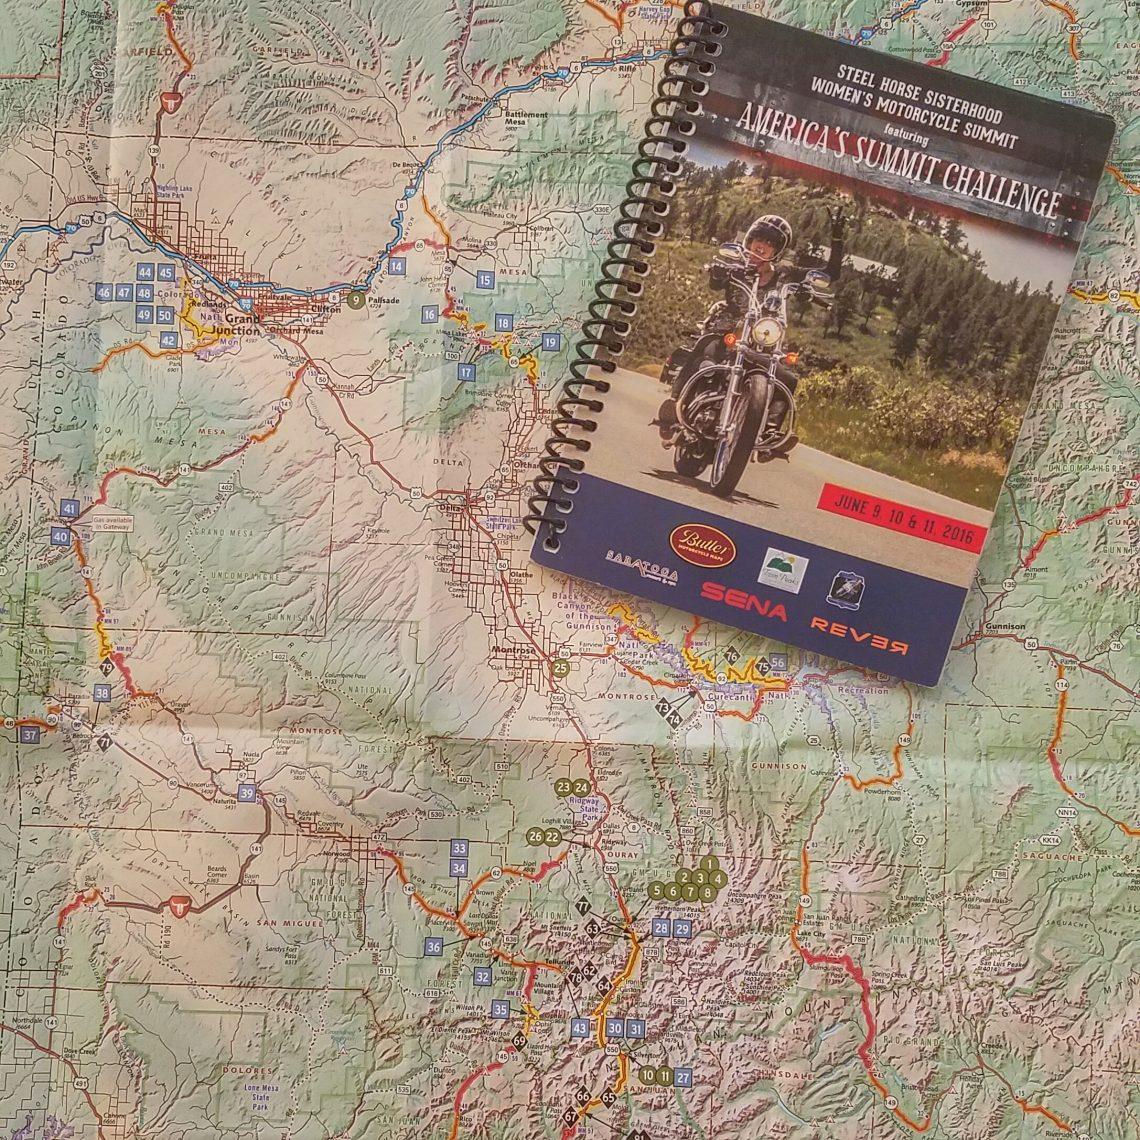 America's Moto Rally Butler Maps & Clue Book